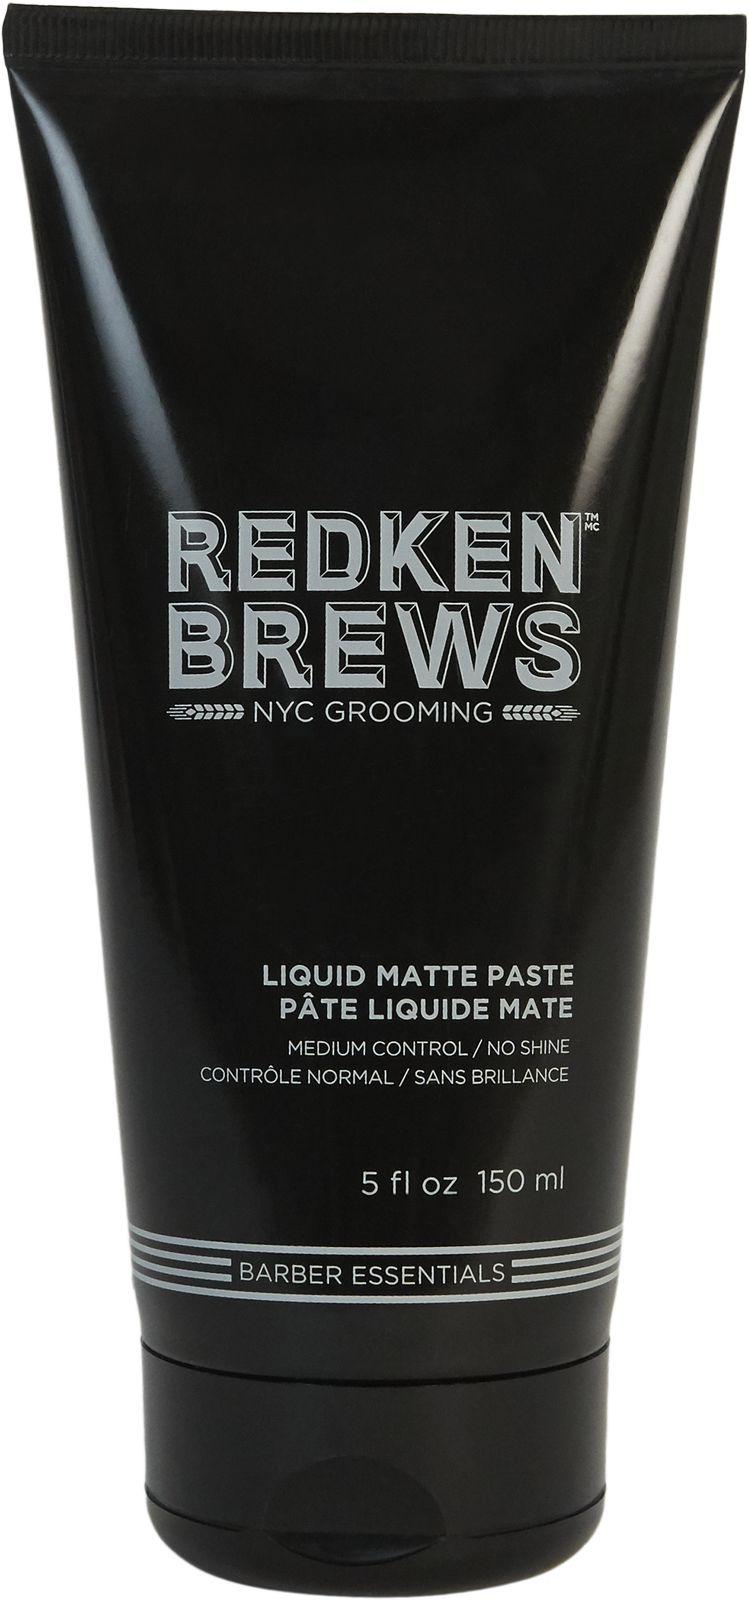 Паста Redken Brews Liquid Matte, для фиксации и матового финиша, 150 мл